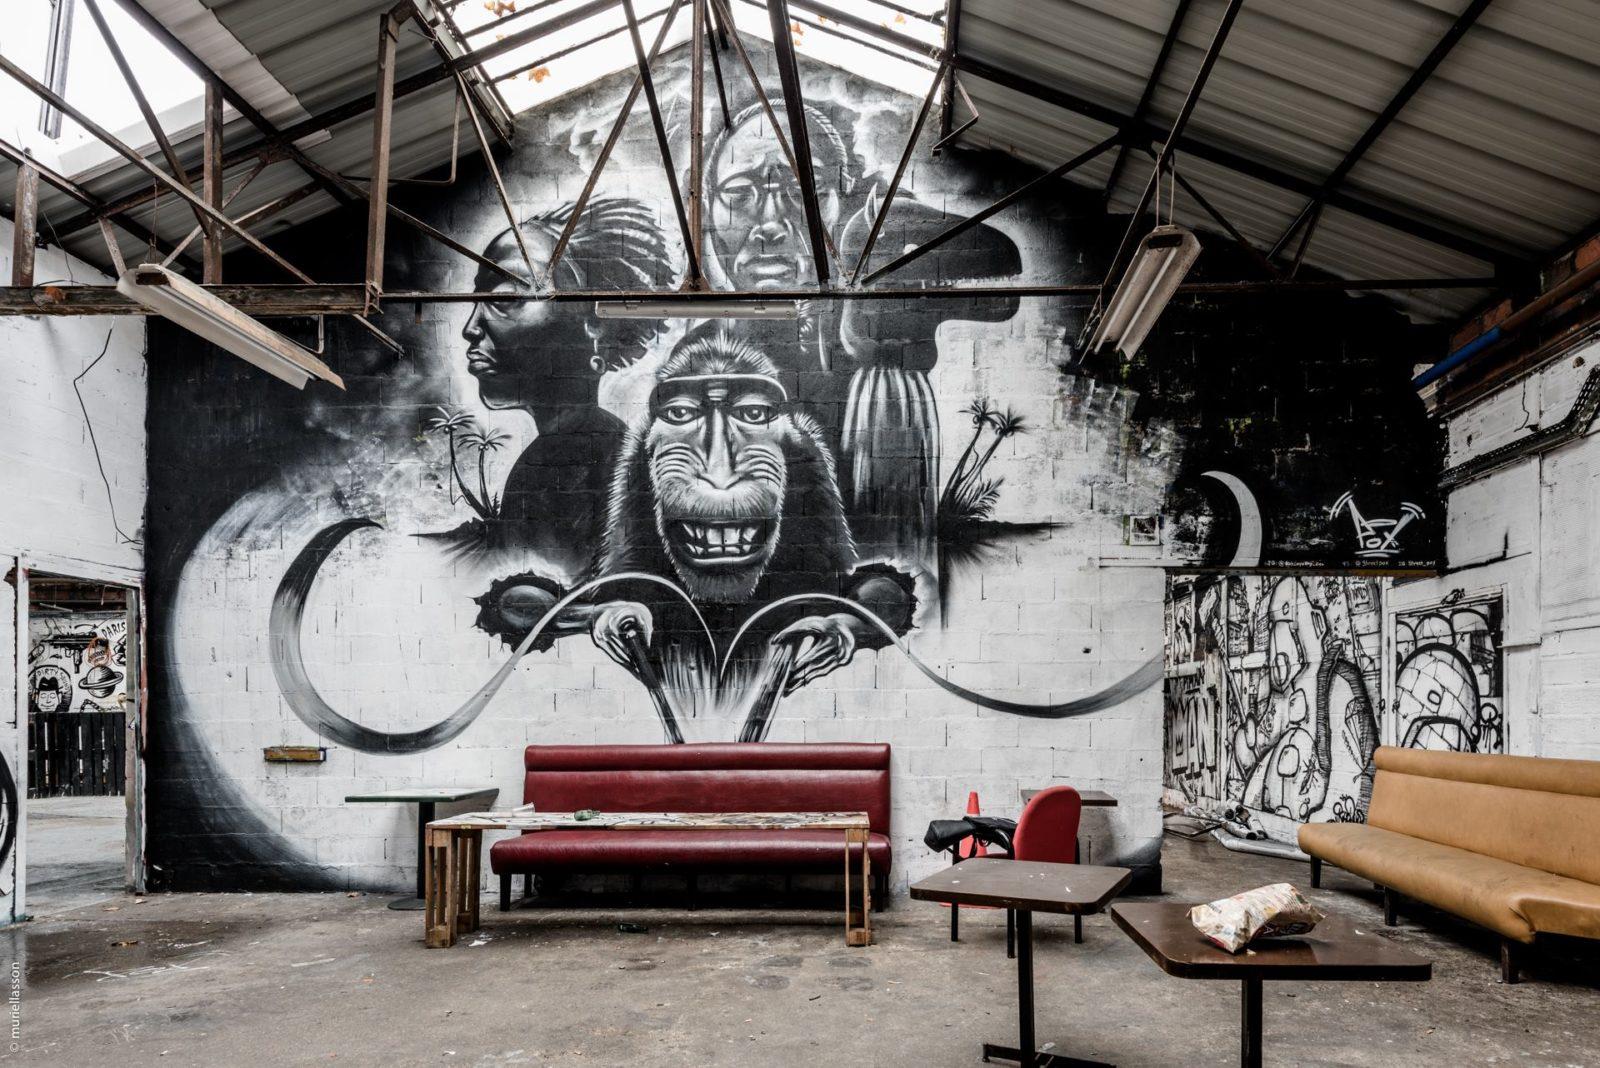 lendroit en153droit asniere goodirtysound GDS graffiti squat underground tags - Goodirtysound, le collectif qui secoue les nuits parisiennes, recherche un nouveau spot !